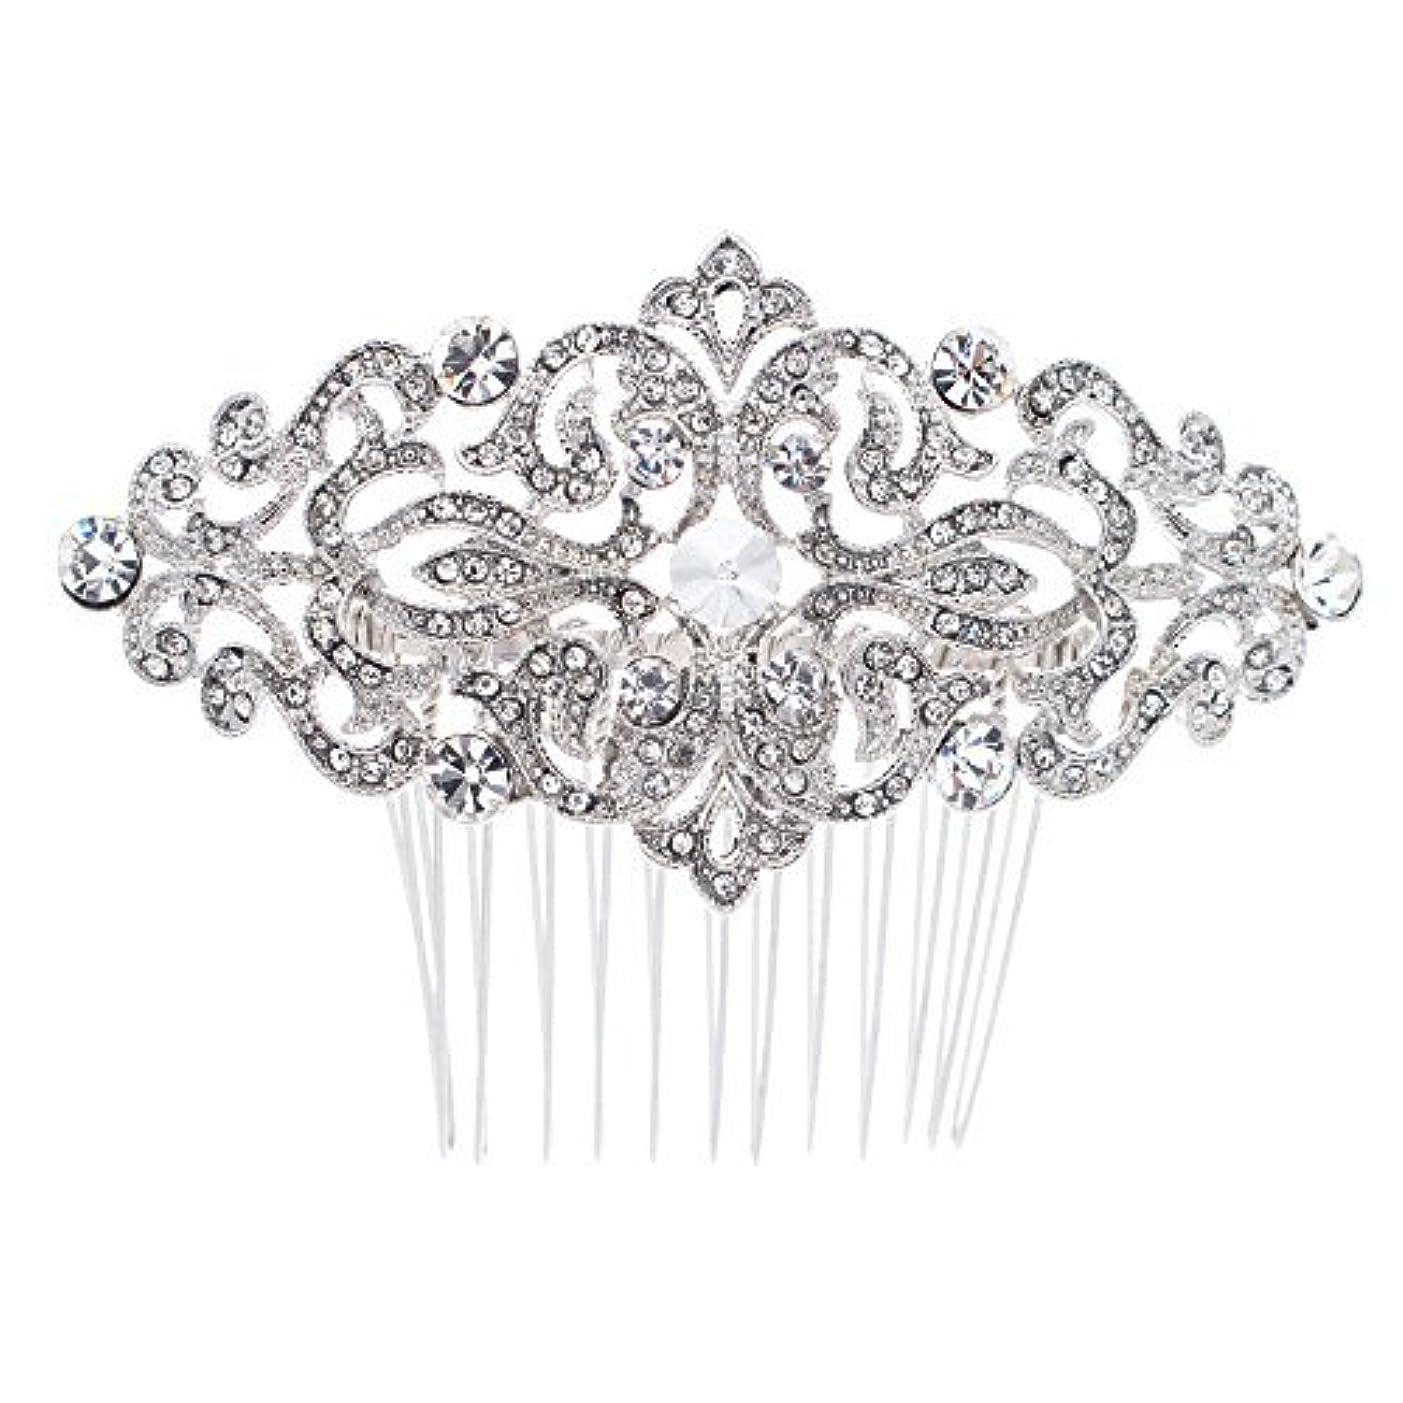 警告簿記係ロック解除Rhinestone Crystal Hair Comb,Bridal Wedding Hairpin,Side Hair Comb,Hair Accessories Jewelry FA5016 [並行輸入品]